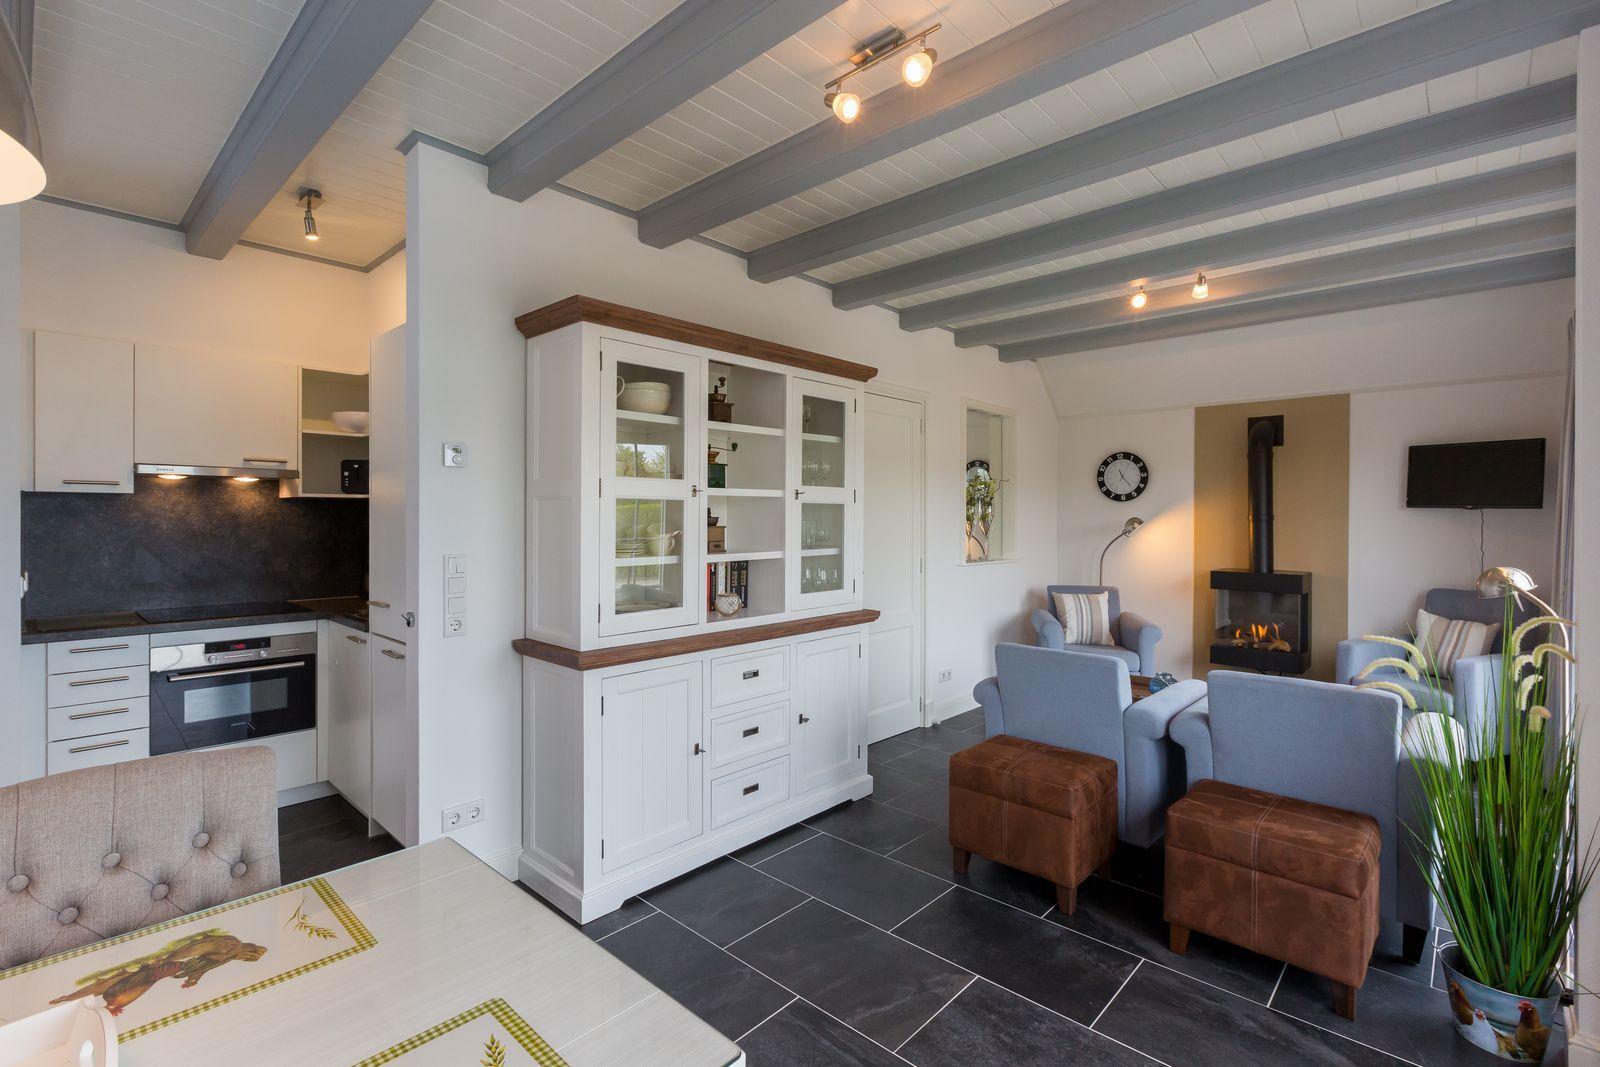 Ferienhaus für 4 Personen ca 95 m² in Westkapelle Zeeland Küste von Zeeland